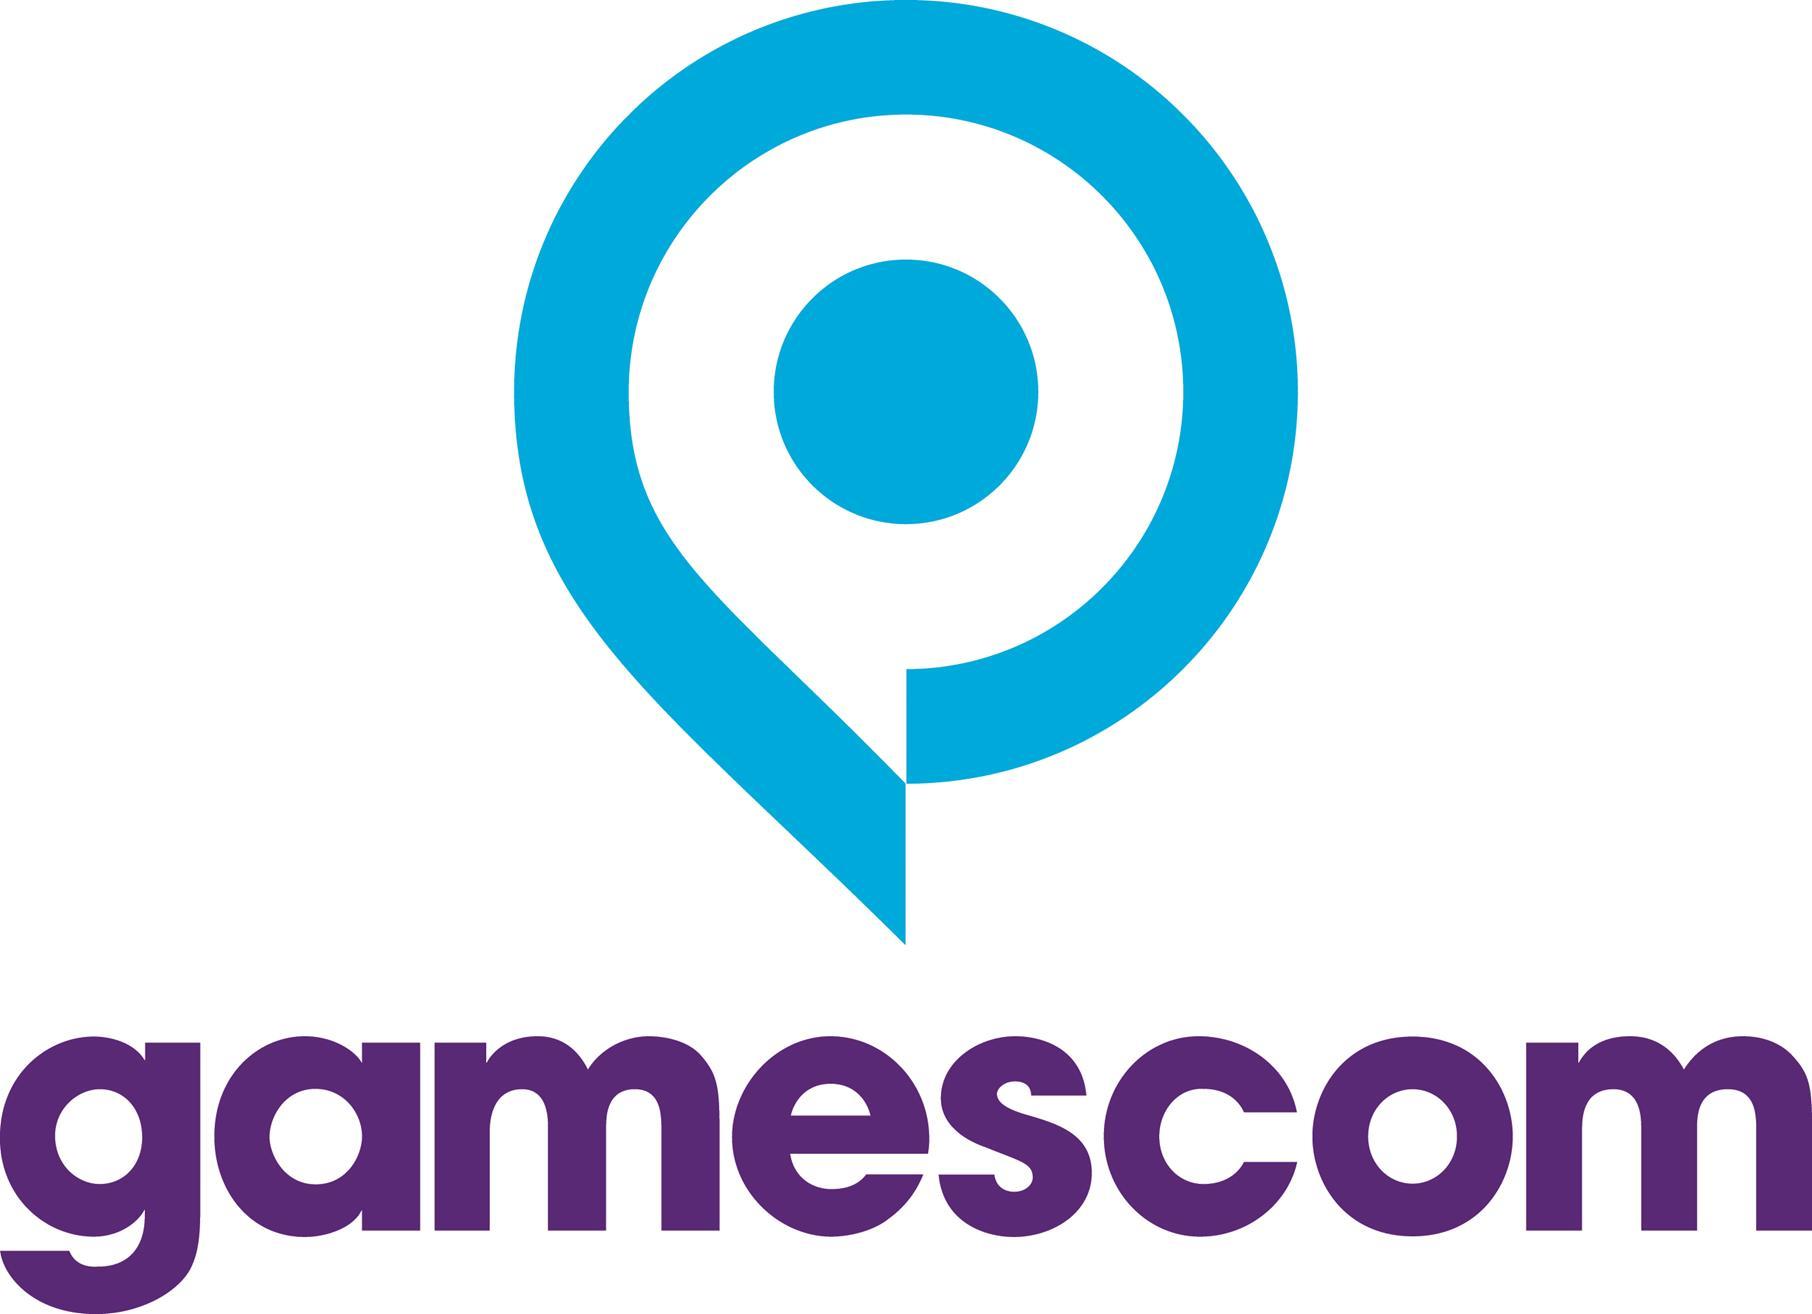 Gamescom 2020 organizará 'al menos' un evento digital en agosto 39